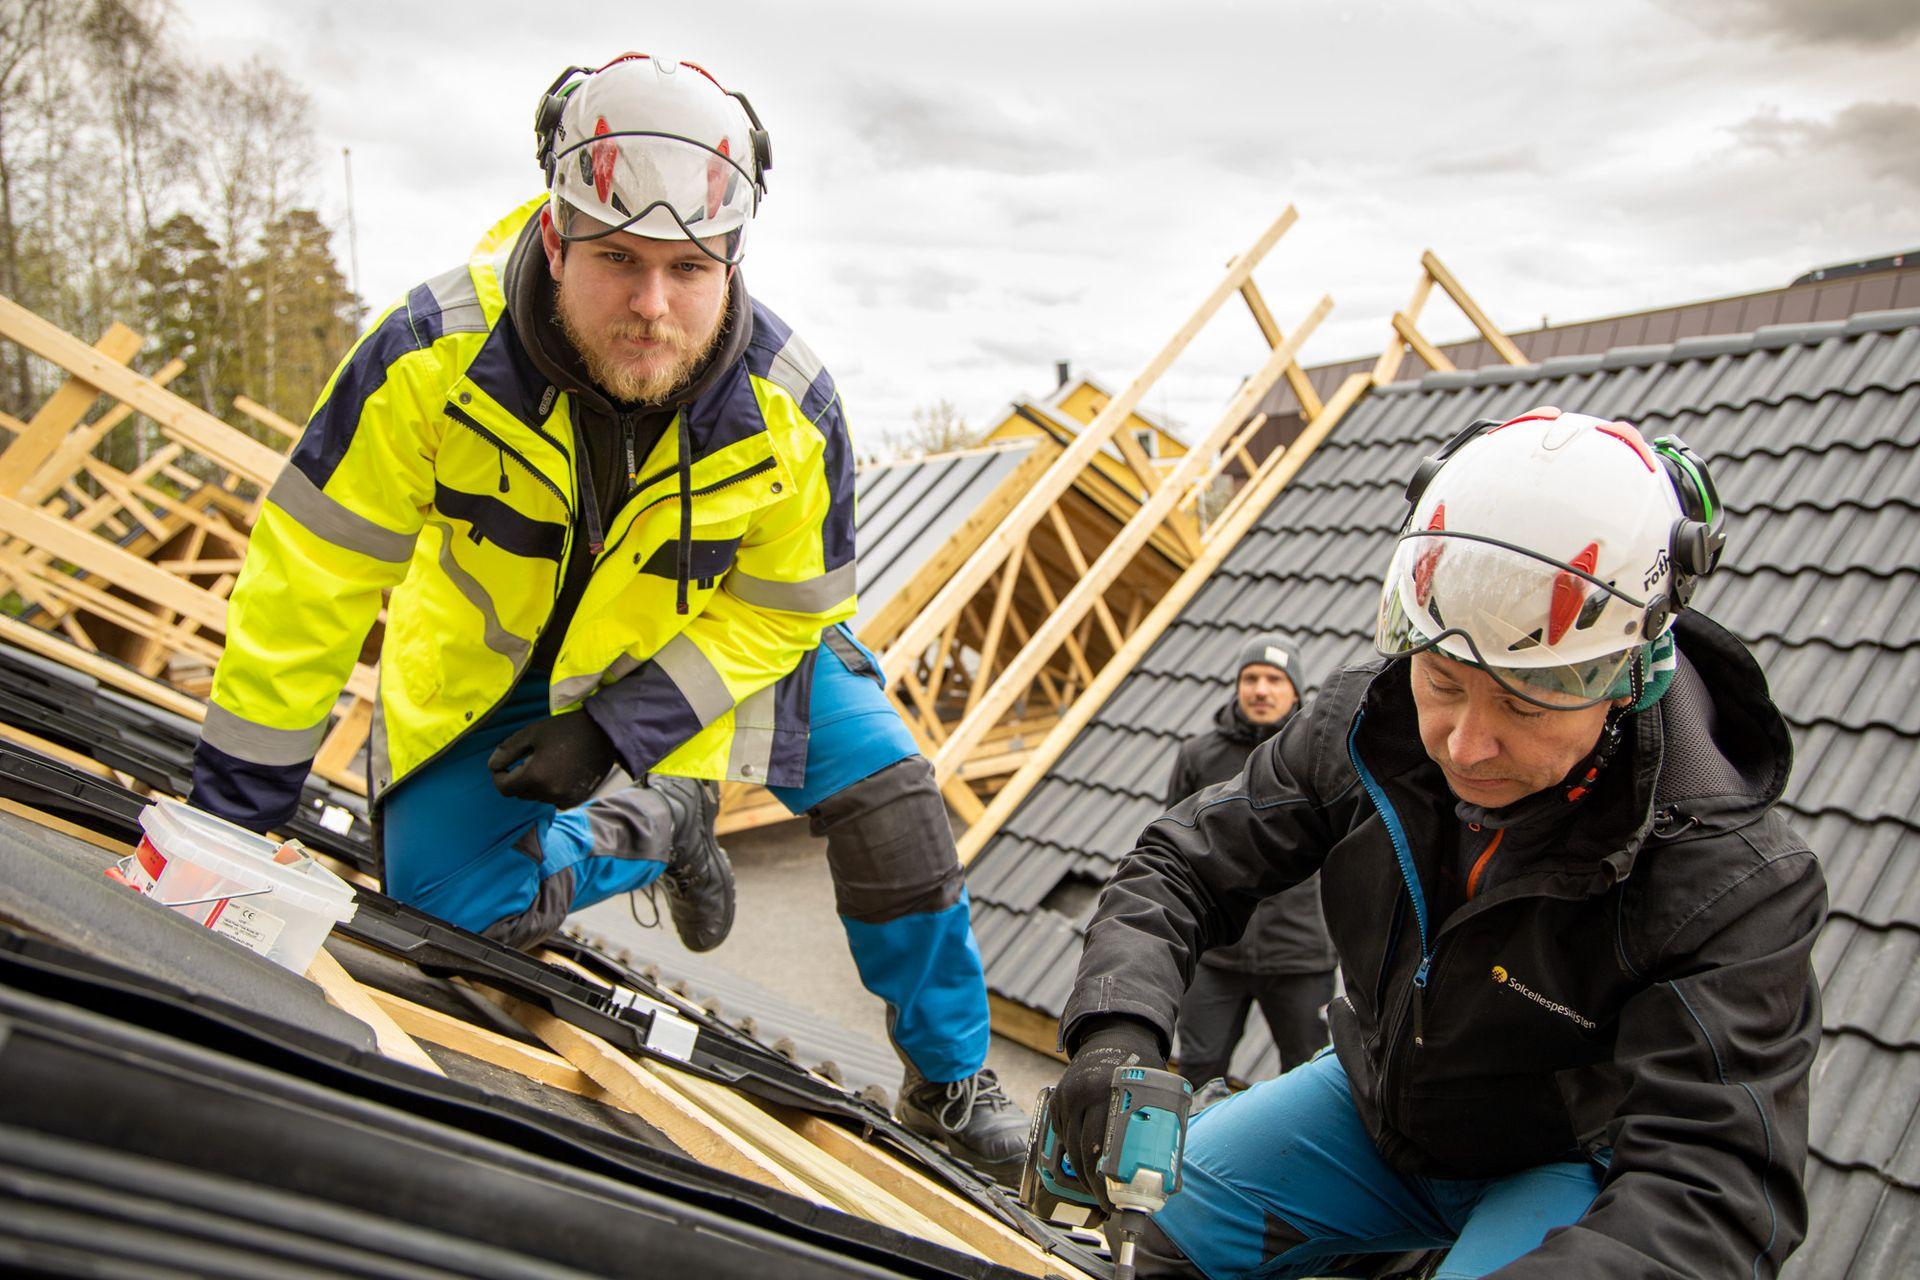 Simon Løining og Pedrag Kamenic monterer et integrert solcelletak, under kyndig veiledning av Ole Johannesen i bakgrunnen.